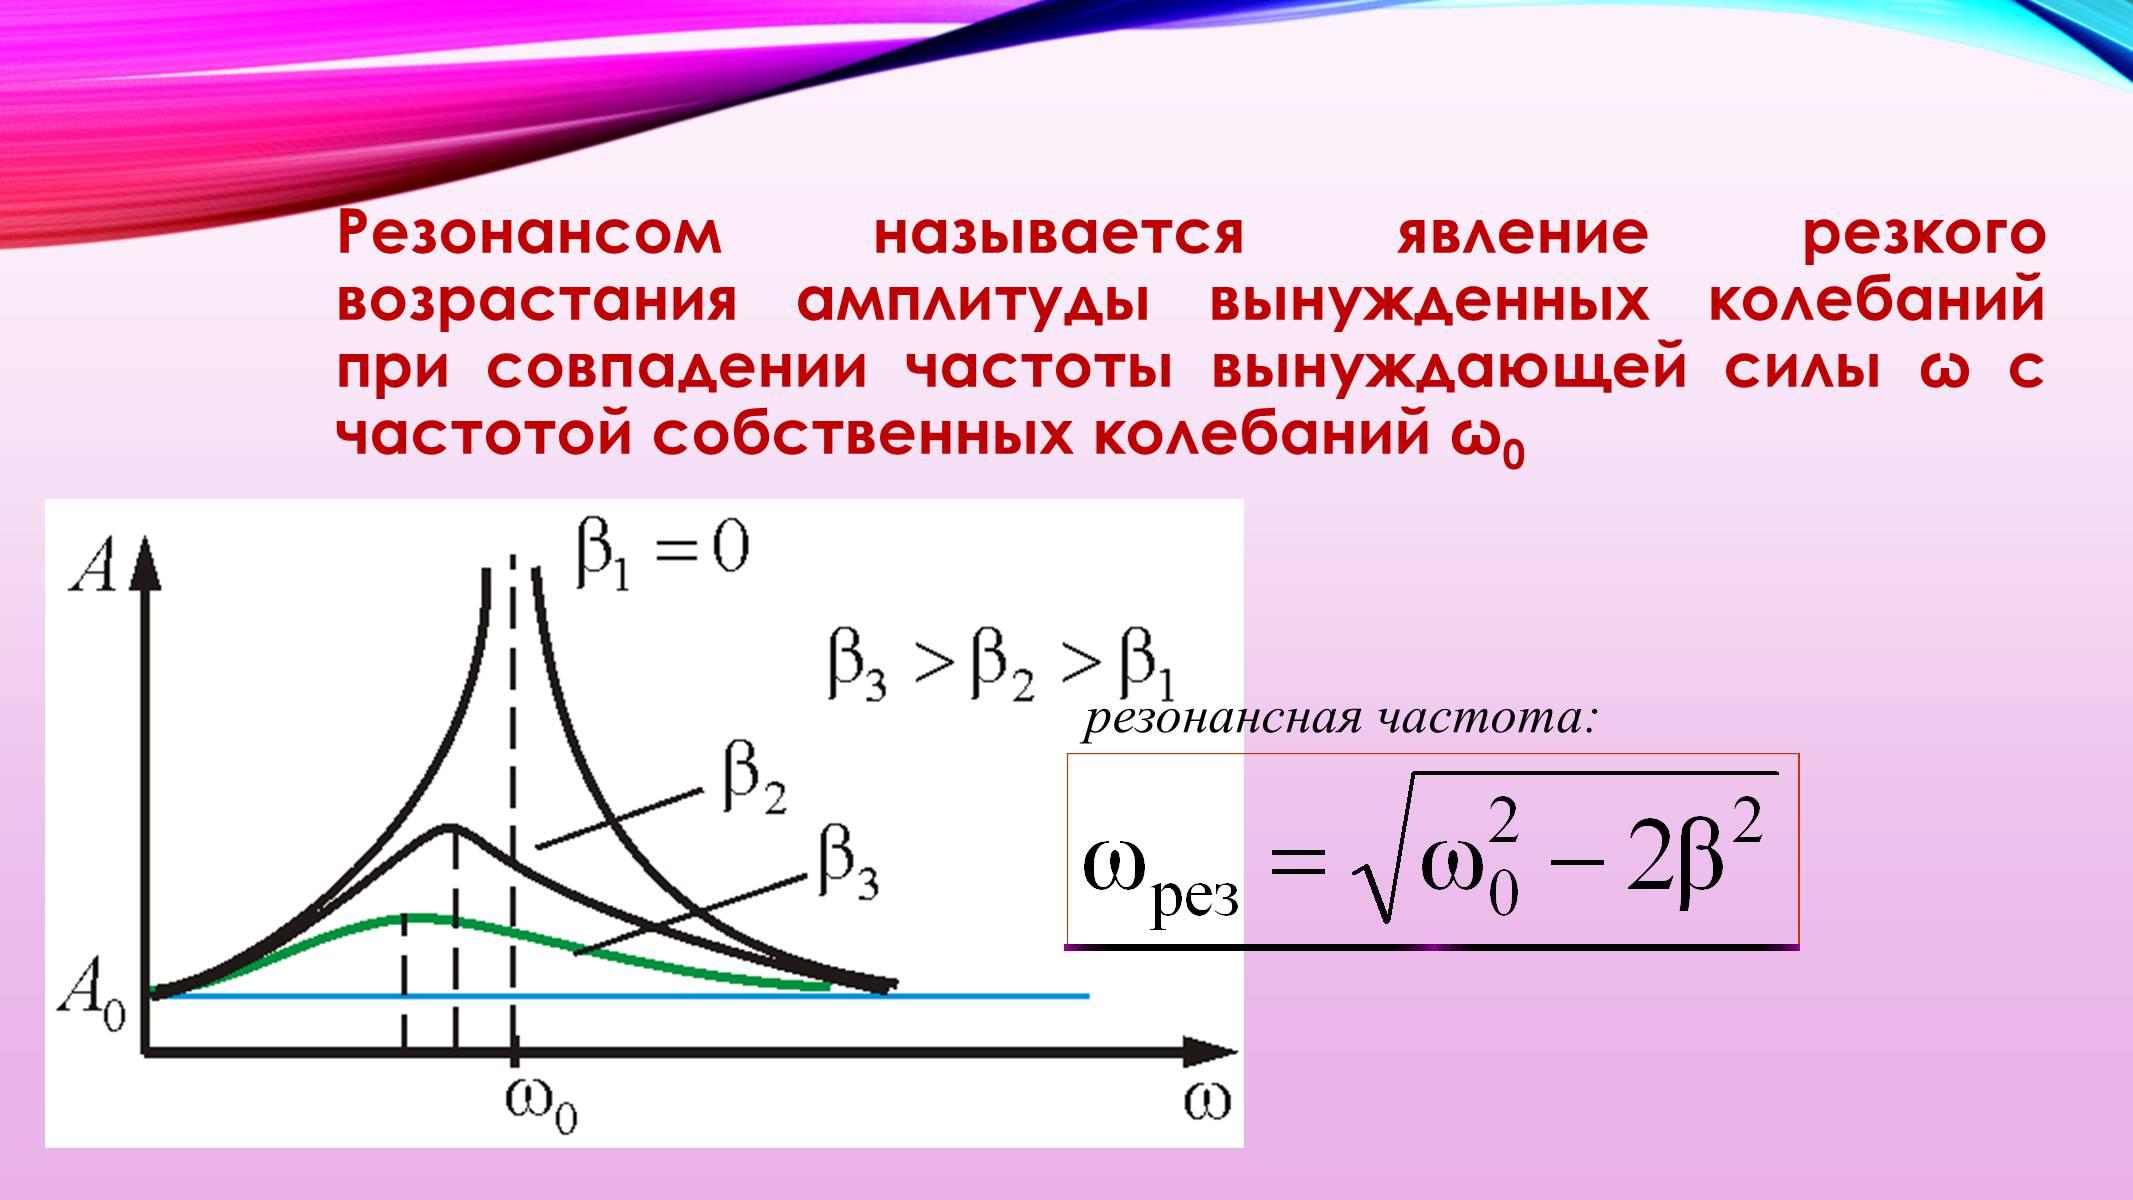 Резонанс: его суть в физике, пояснение простым языком